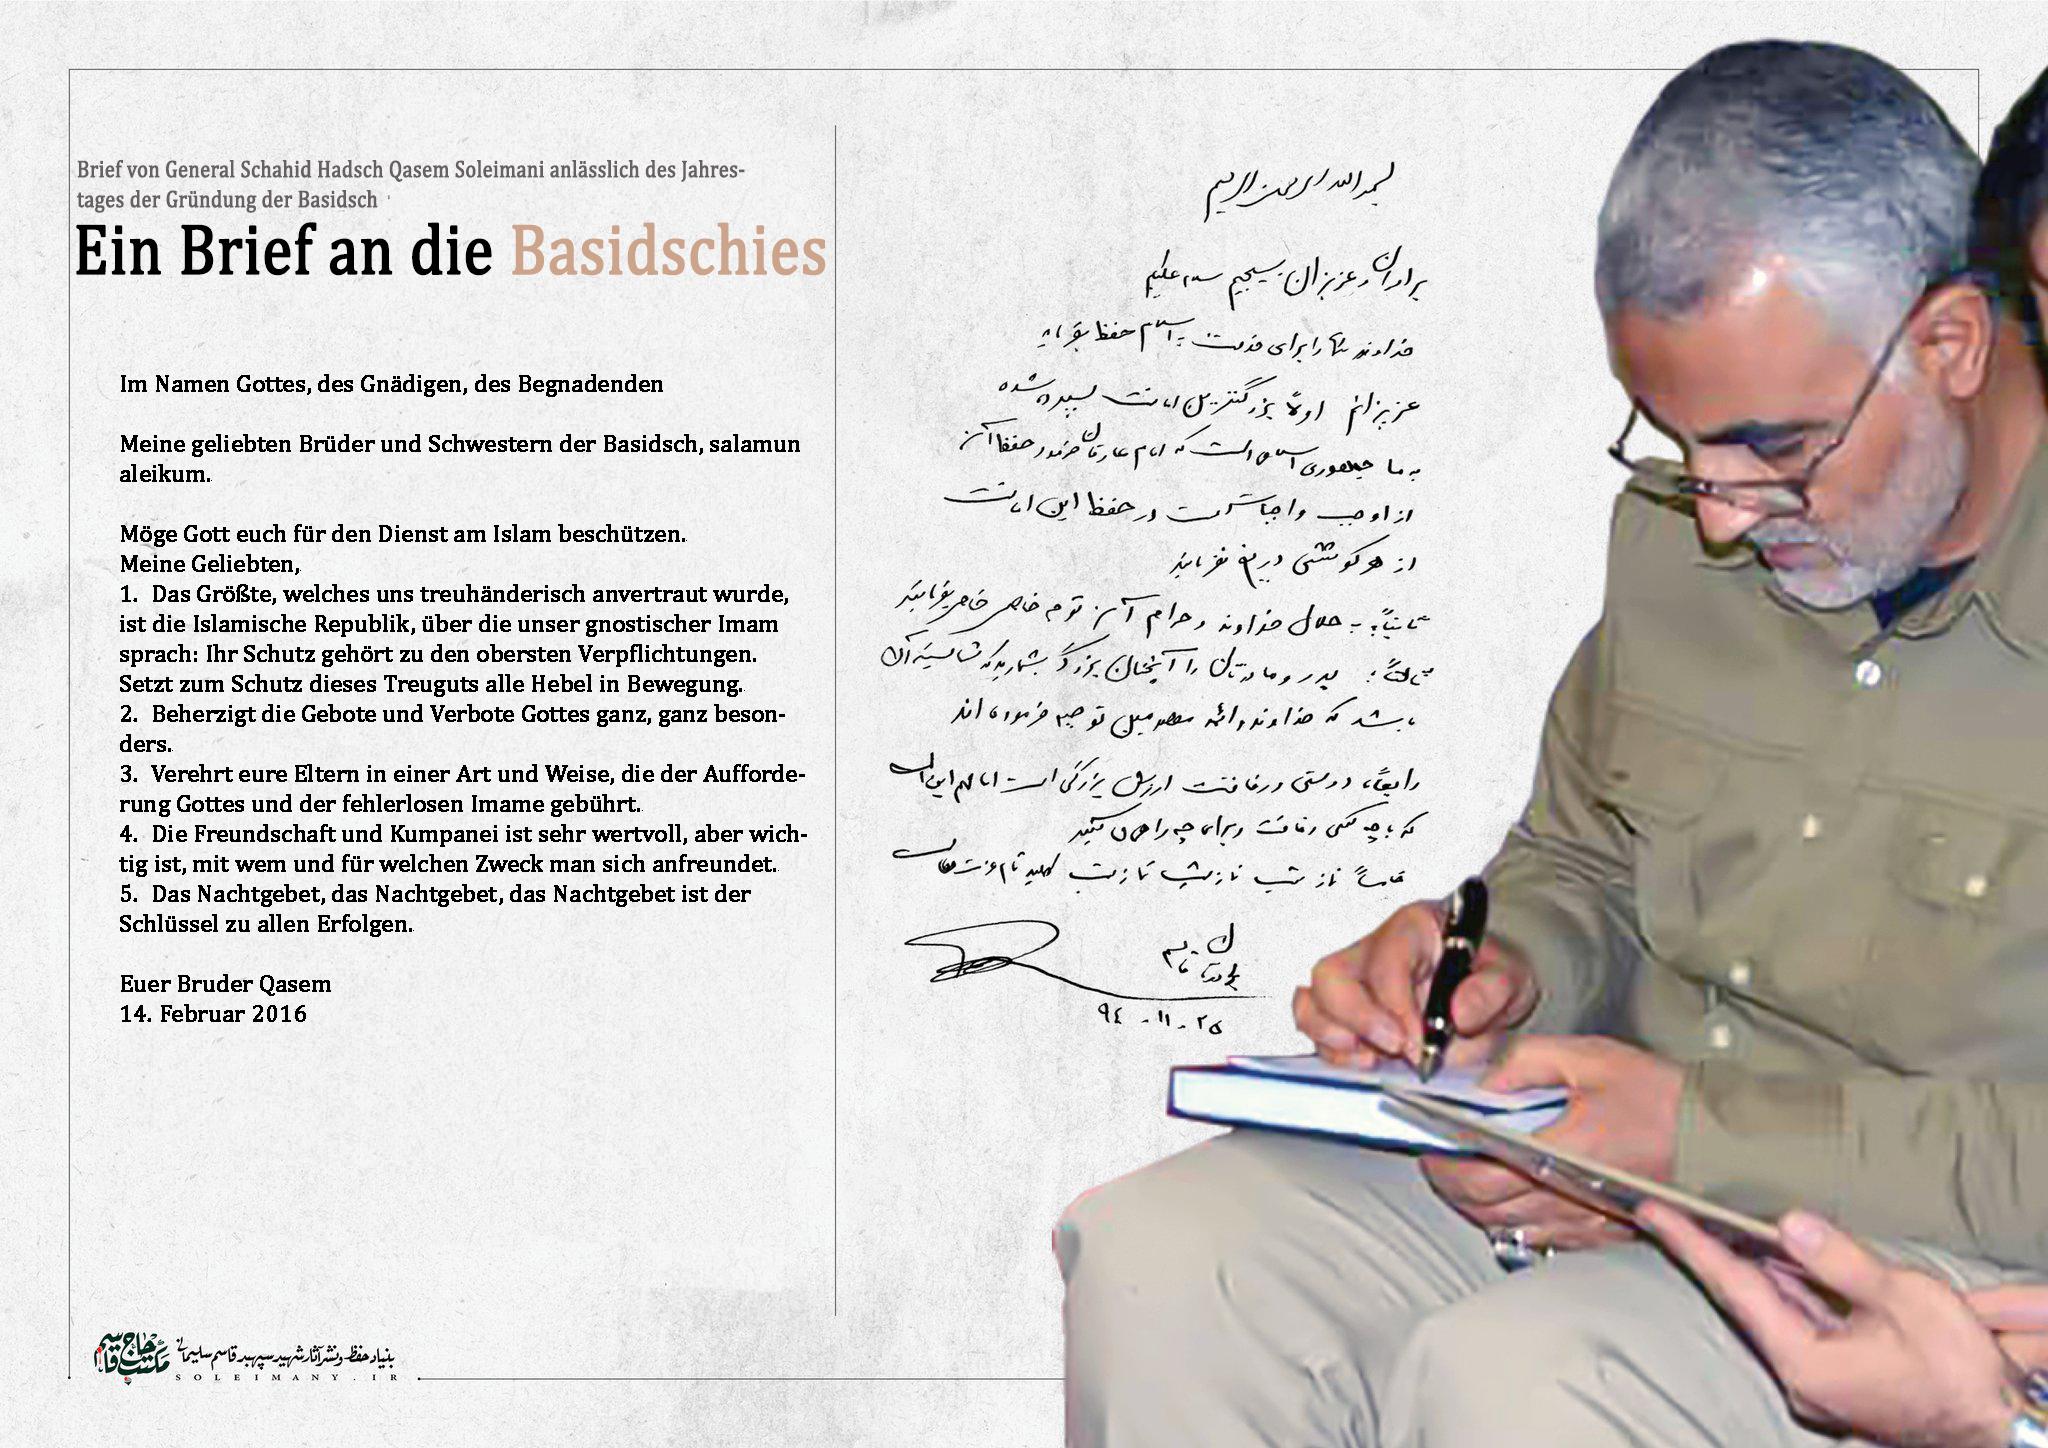 Handschriftlicher Brief Schahid Qasem Soleimanis